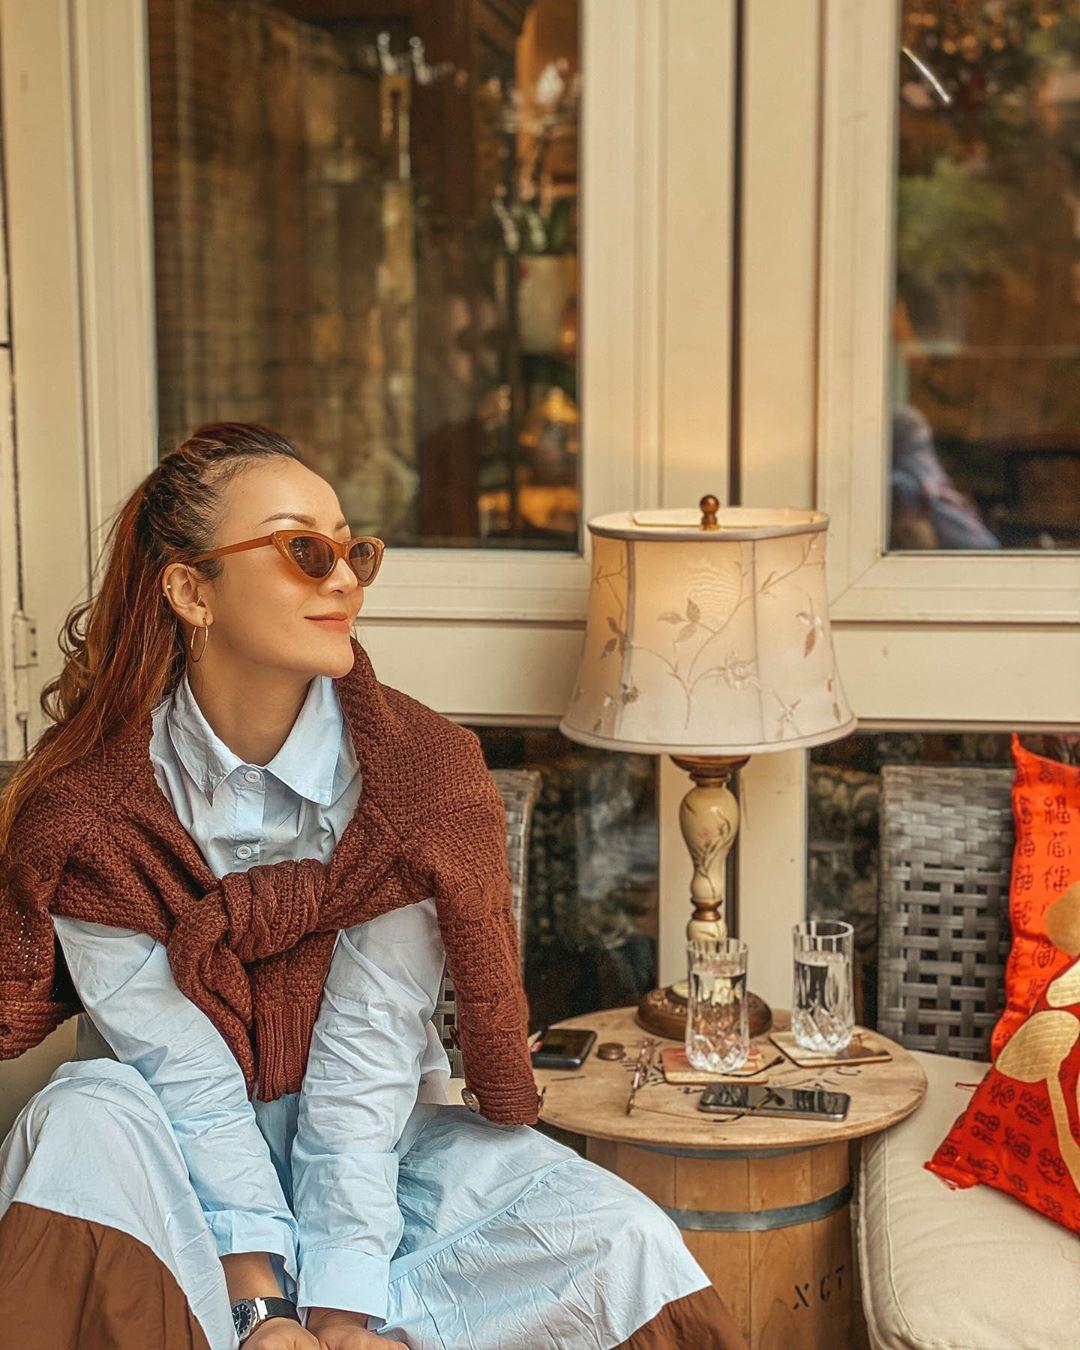 3 kiểu áo khoác khi trở lạnh được lòng hội chị em tuổi 30+ 'nhà Vbiz': Phạm Quỳnh Anh 'buông lơi' như idol Kpop, Hà Tăng lại hack tuổi đỉnh cao không thua gái 18 9